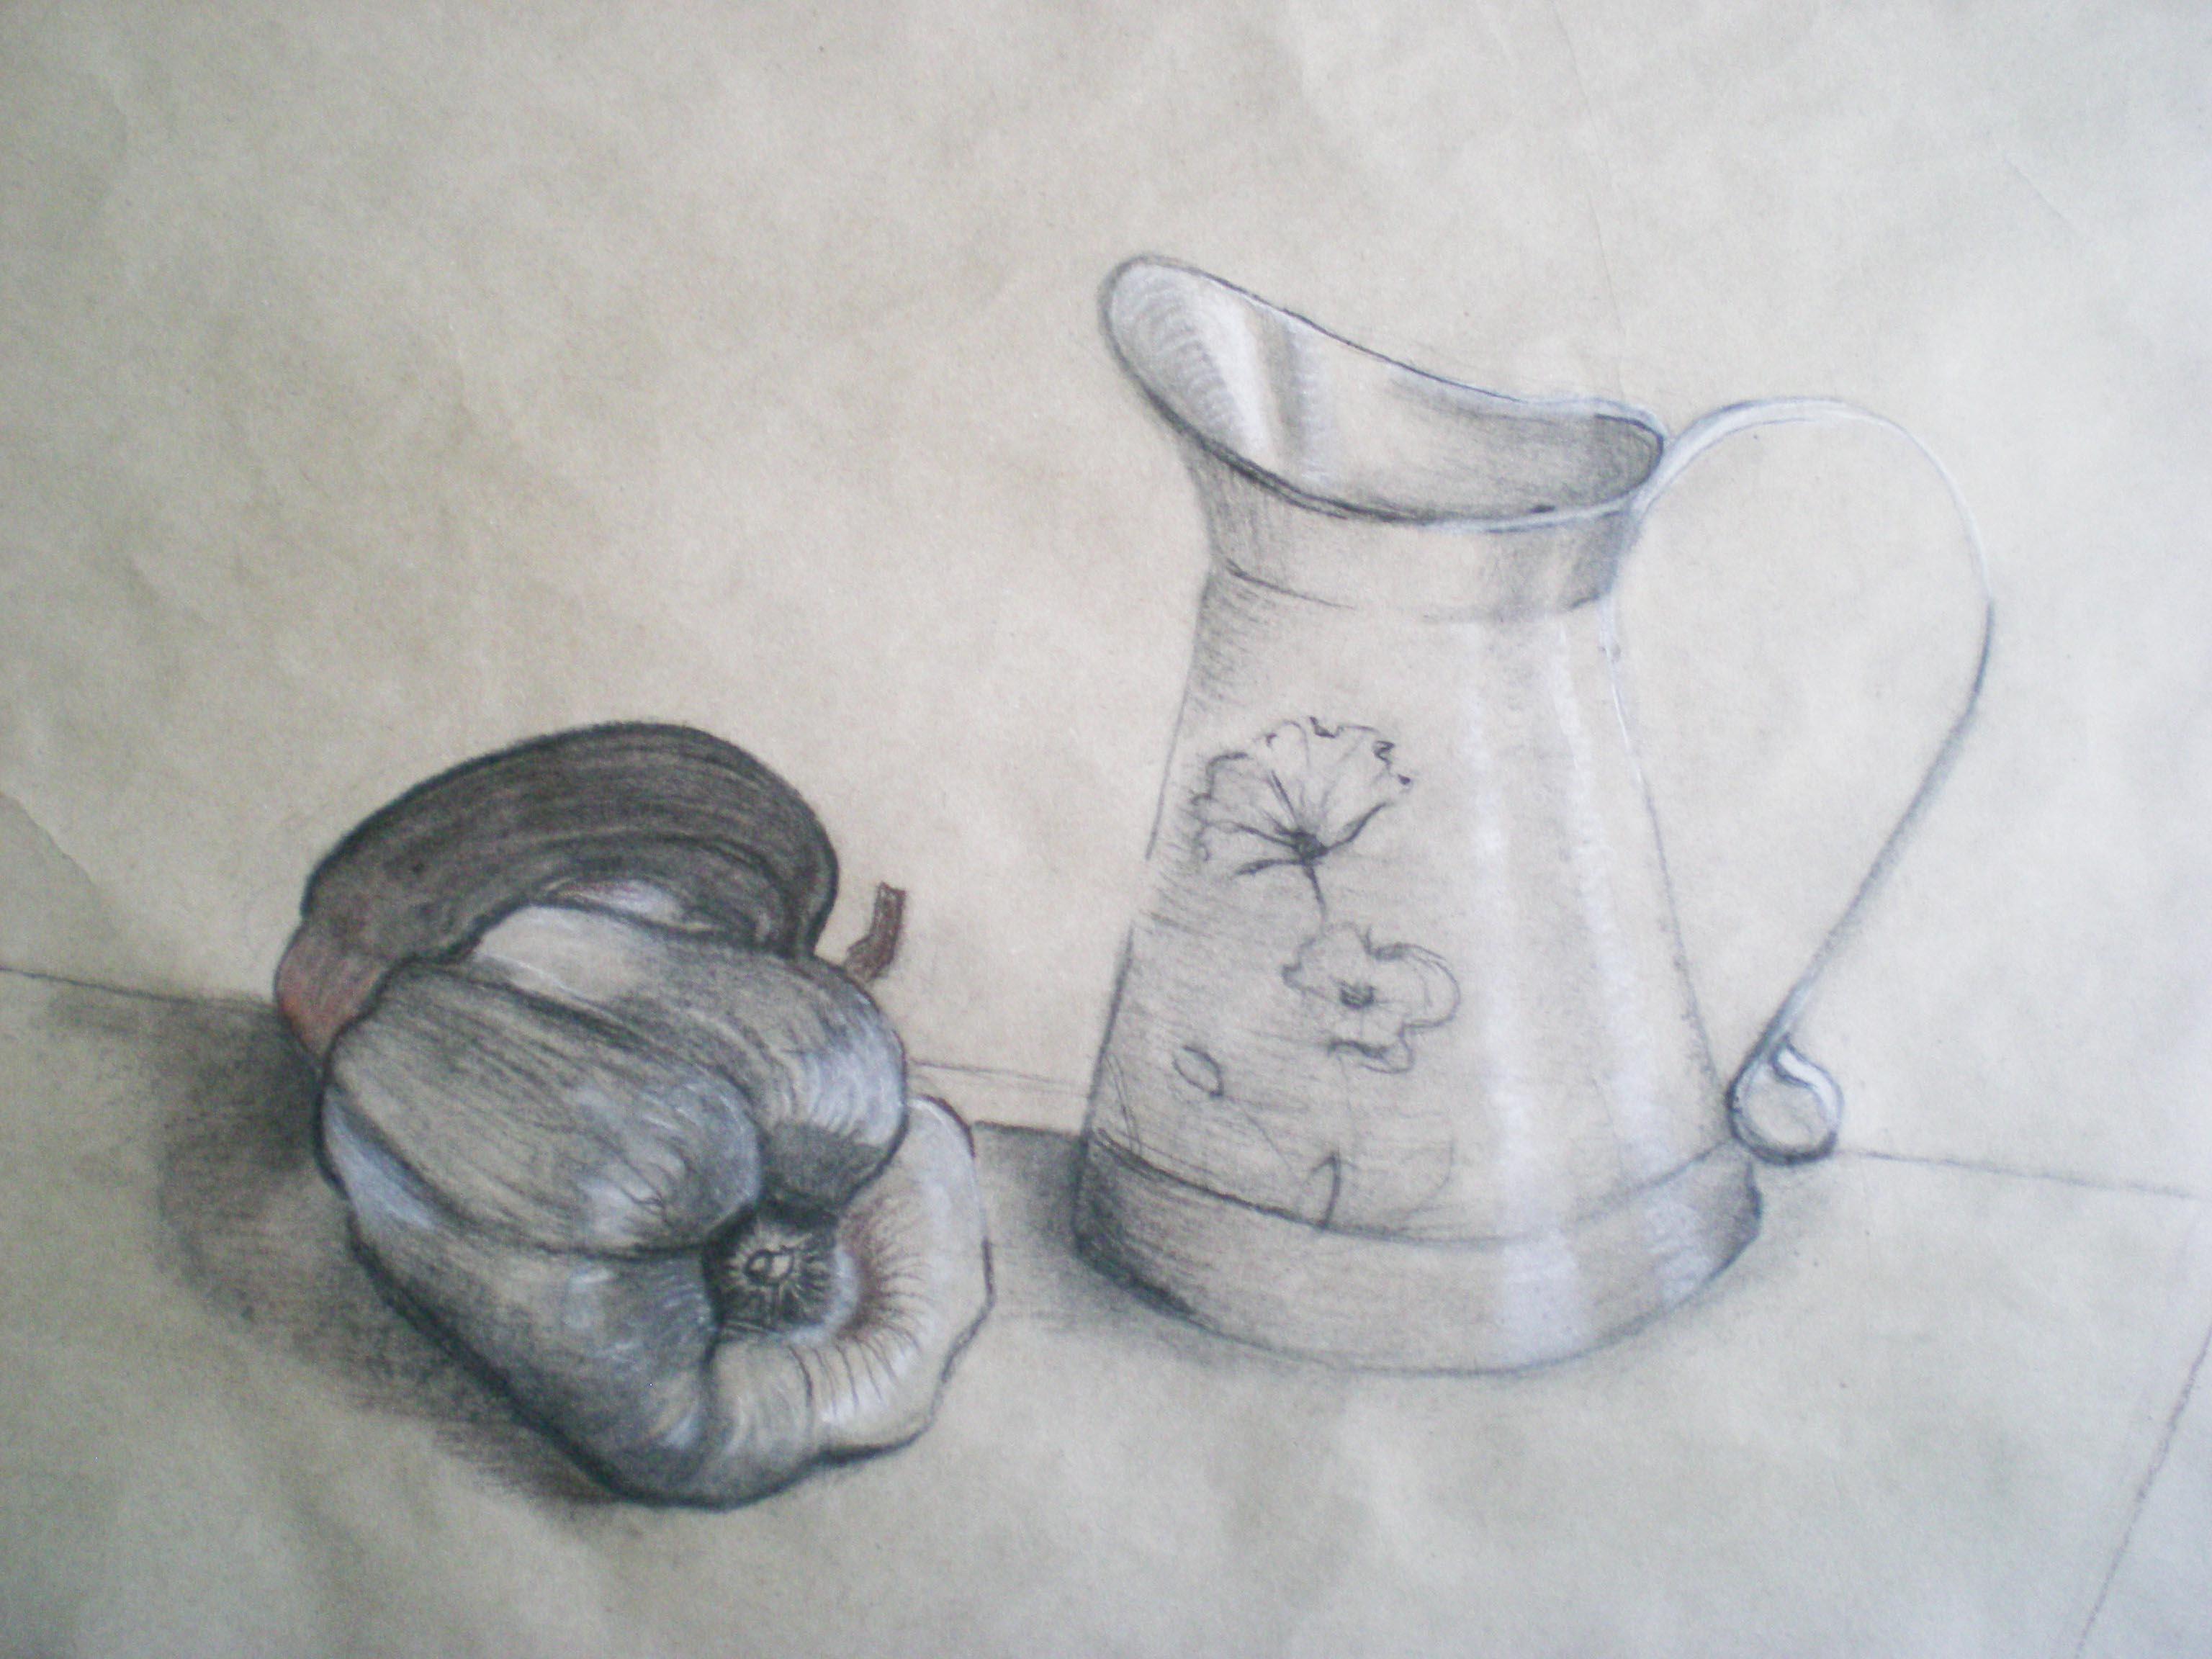 Uterni Dopoledni Kurz Kresby Od 10 Do 12 Hodin Kurzy Malovani A